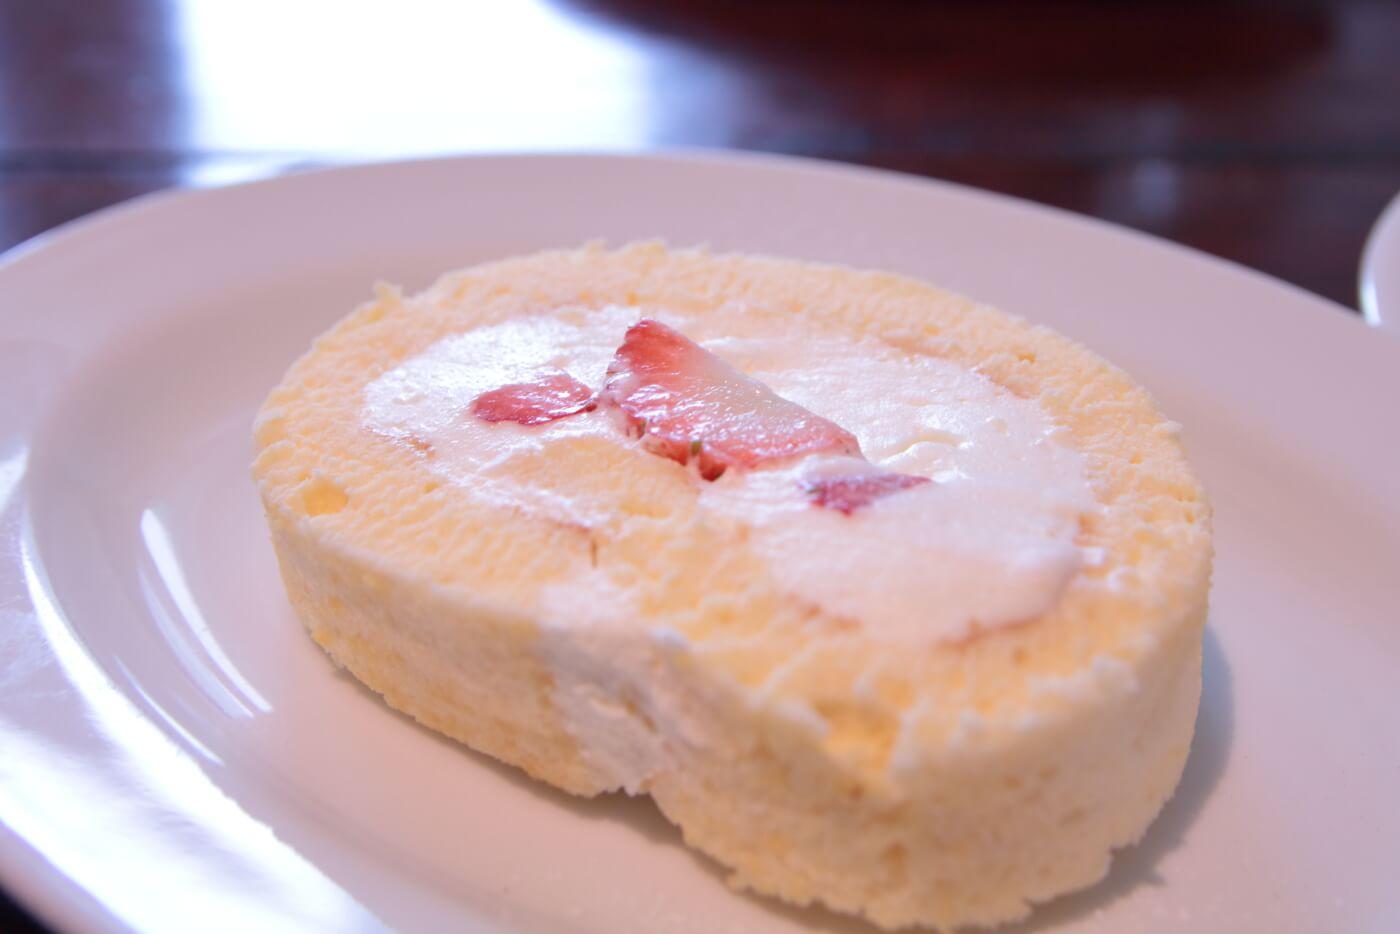 cafe Melba(メルバ)の手作りケーキ イチゴのロールケーキ